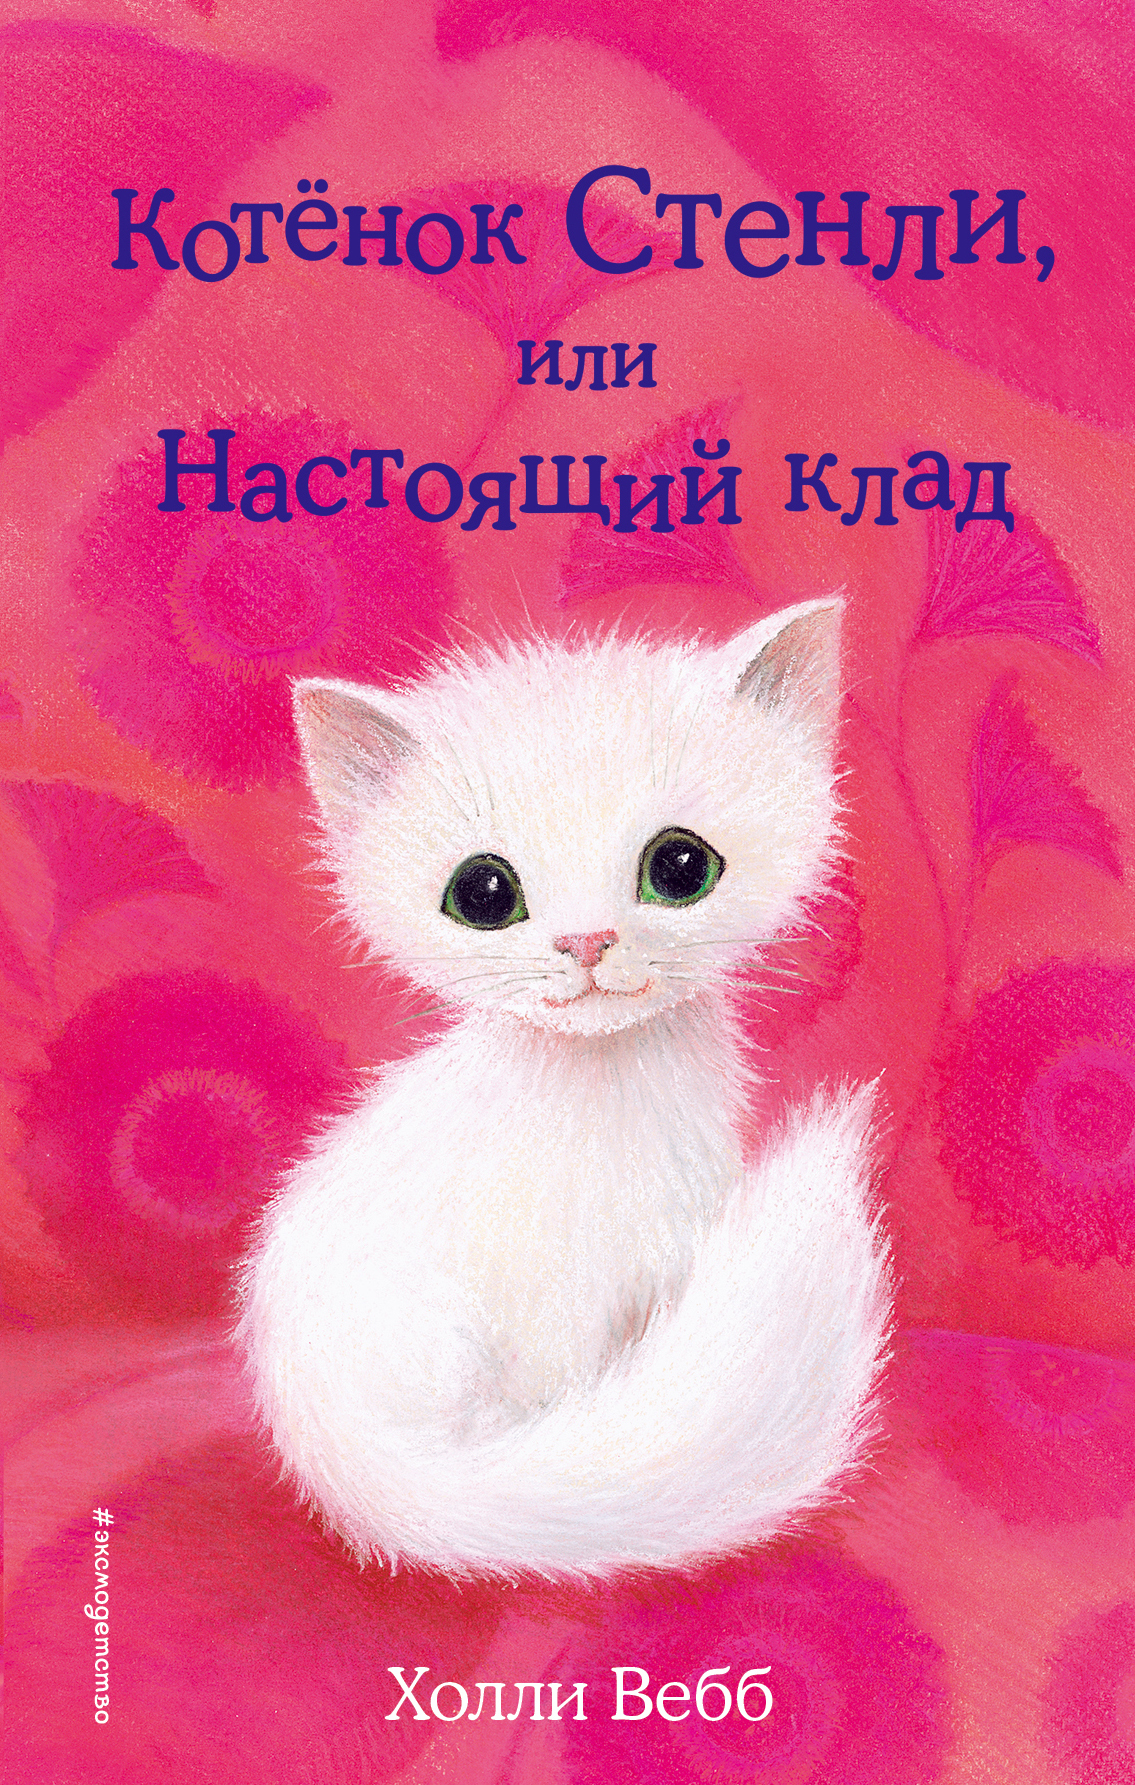 Холли Вебб - Котёнок Стенли, или Настоящий клад